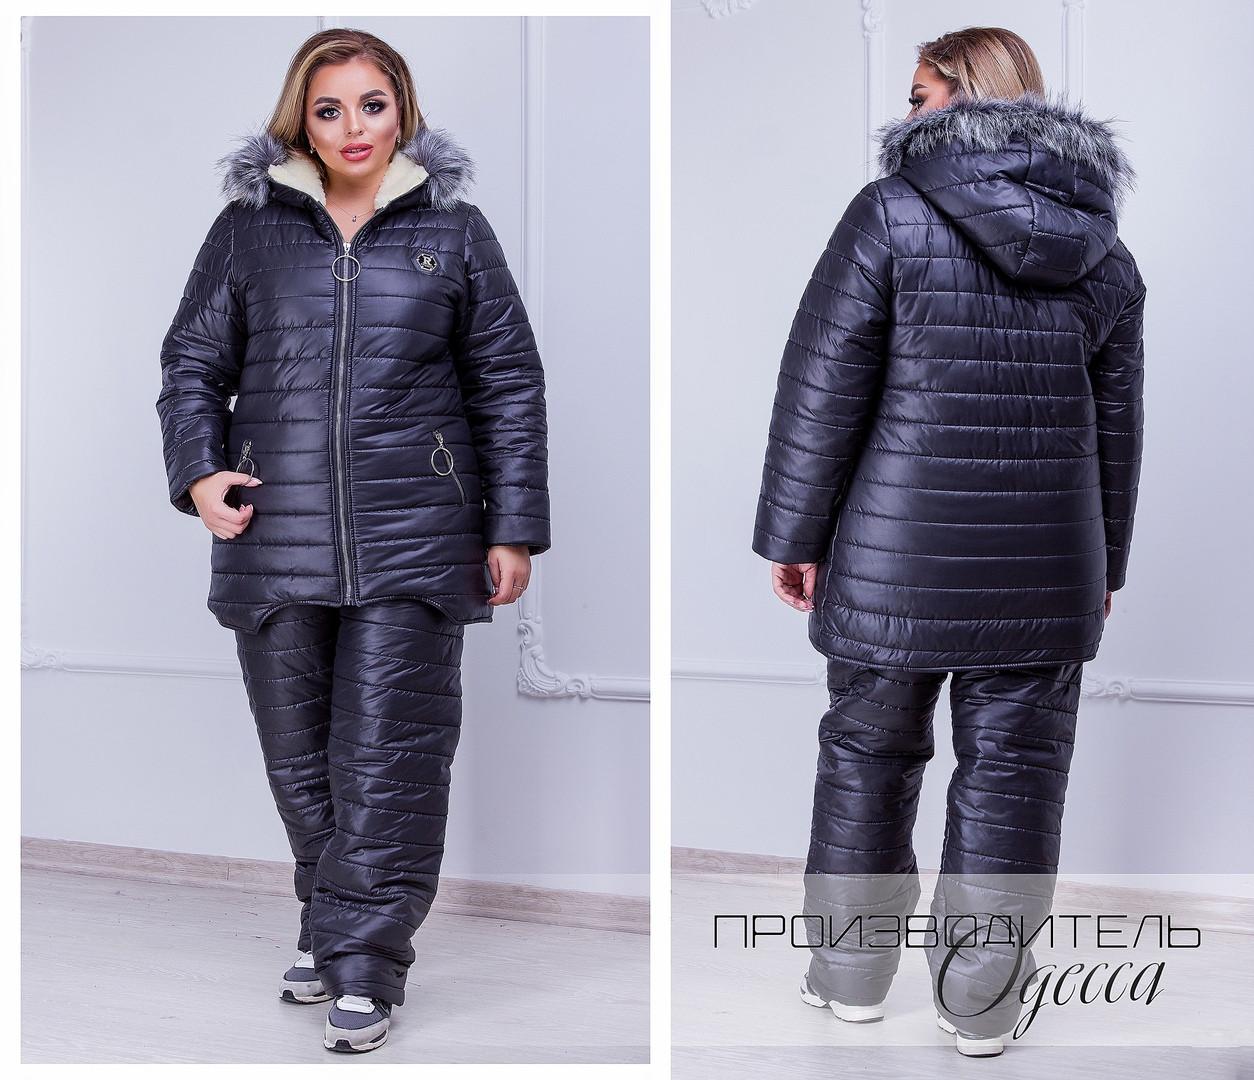 Зимний костюм больших размеров для женщин в Украине